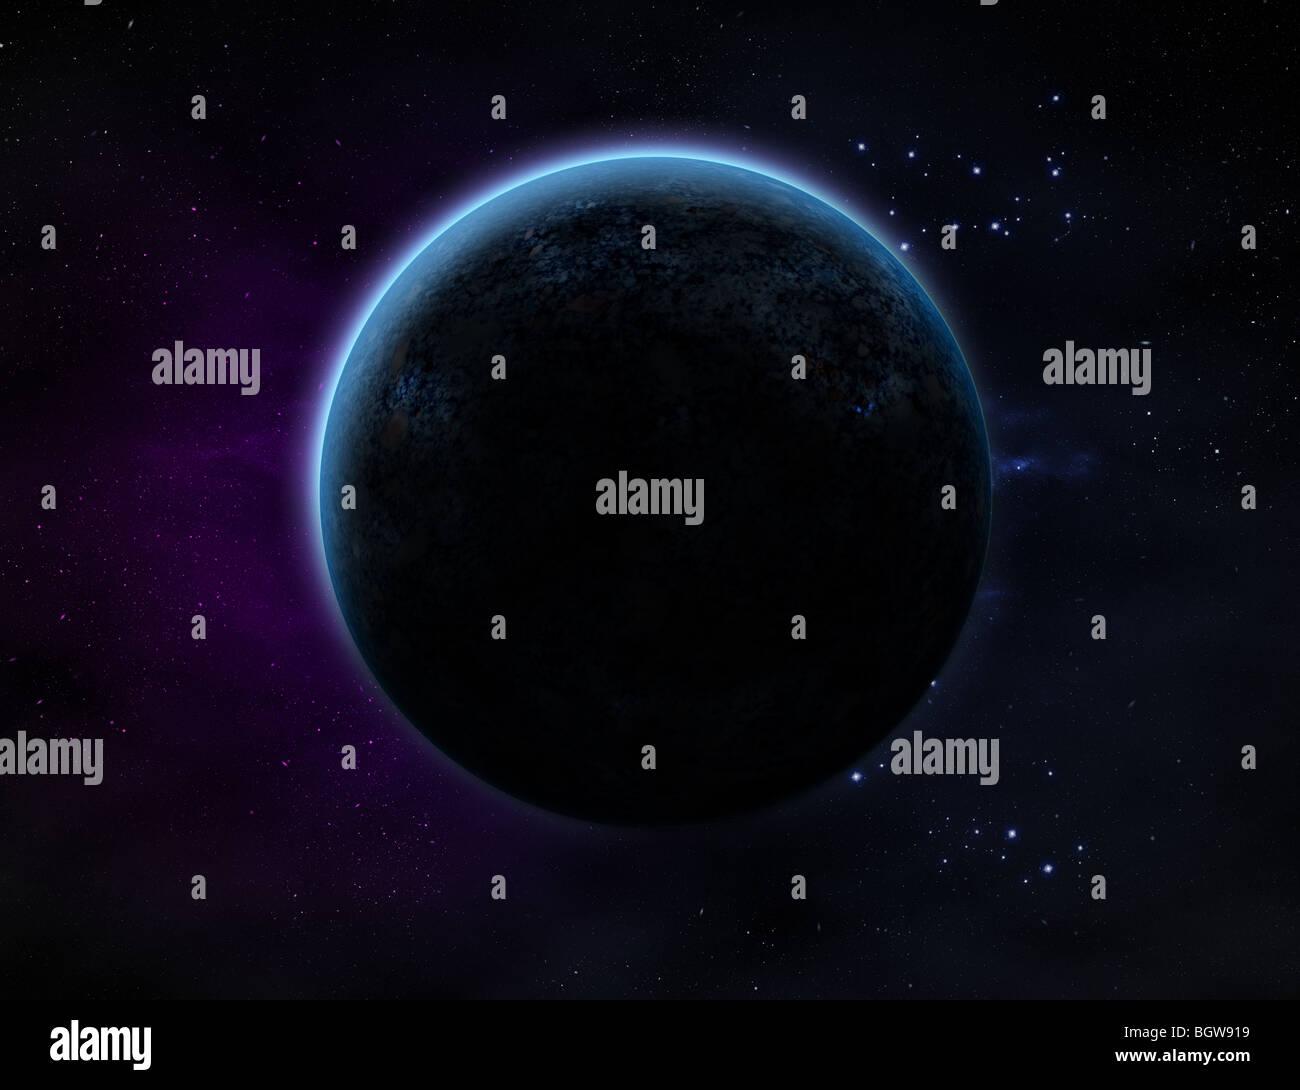 Un pianeta con candelette nello spazio esterno con un sacco di star e viola/blue haze. Immagini Stock